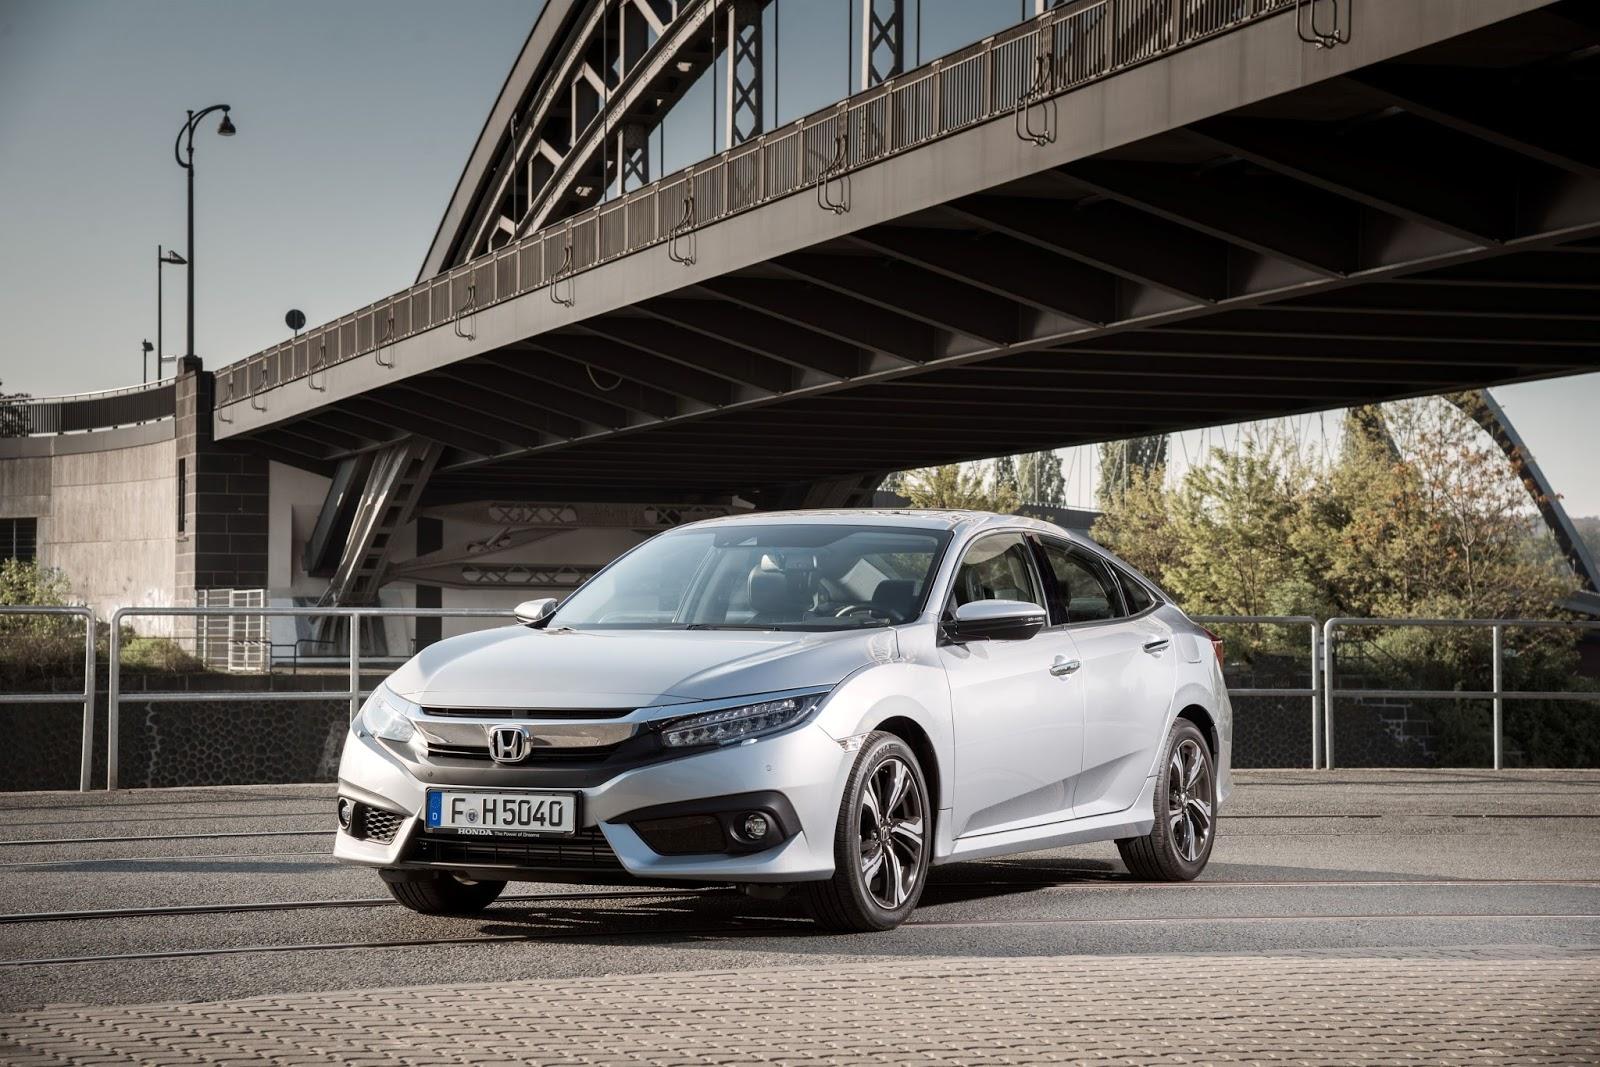 civicsedanempros Οι τεχνολογίες που ενσωματώνει η 10η γενιά του Civic Sedan Honda, Honda Civic, sedan